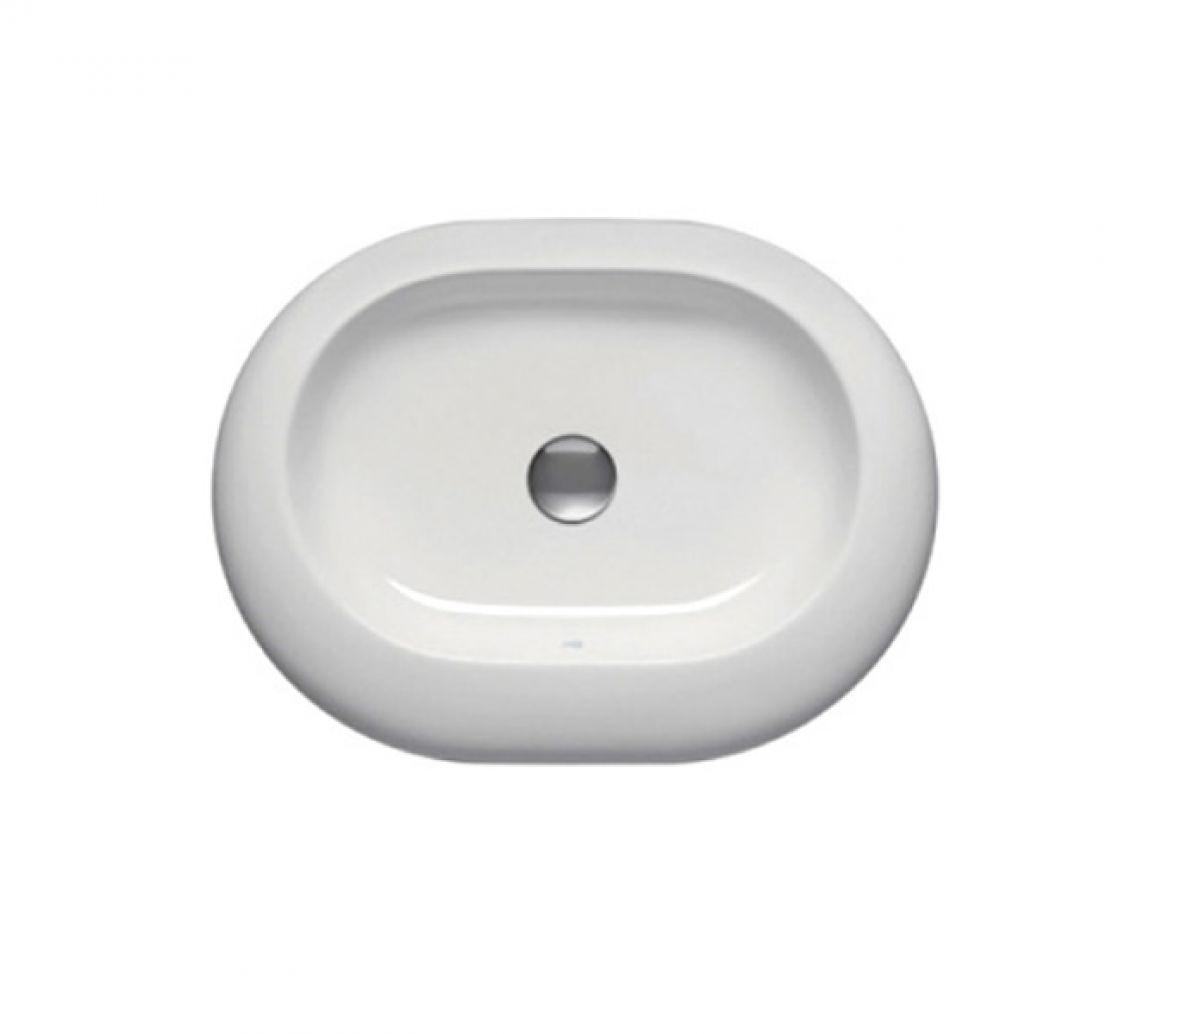 ideal standard simplyu 600mm natural oval vessel basin uk bathrooms. Black Bedroom Furniture Sets. Home Design Ideas